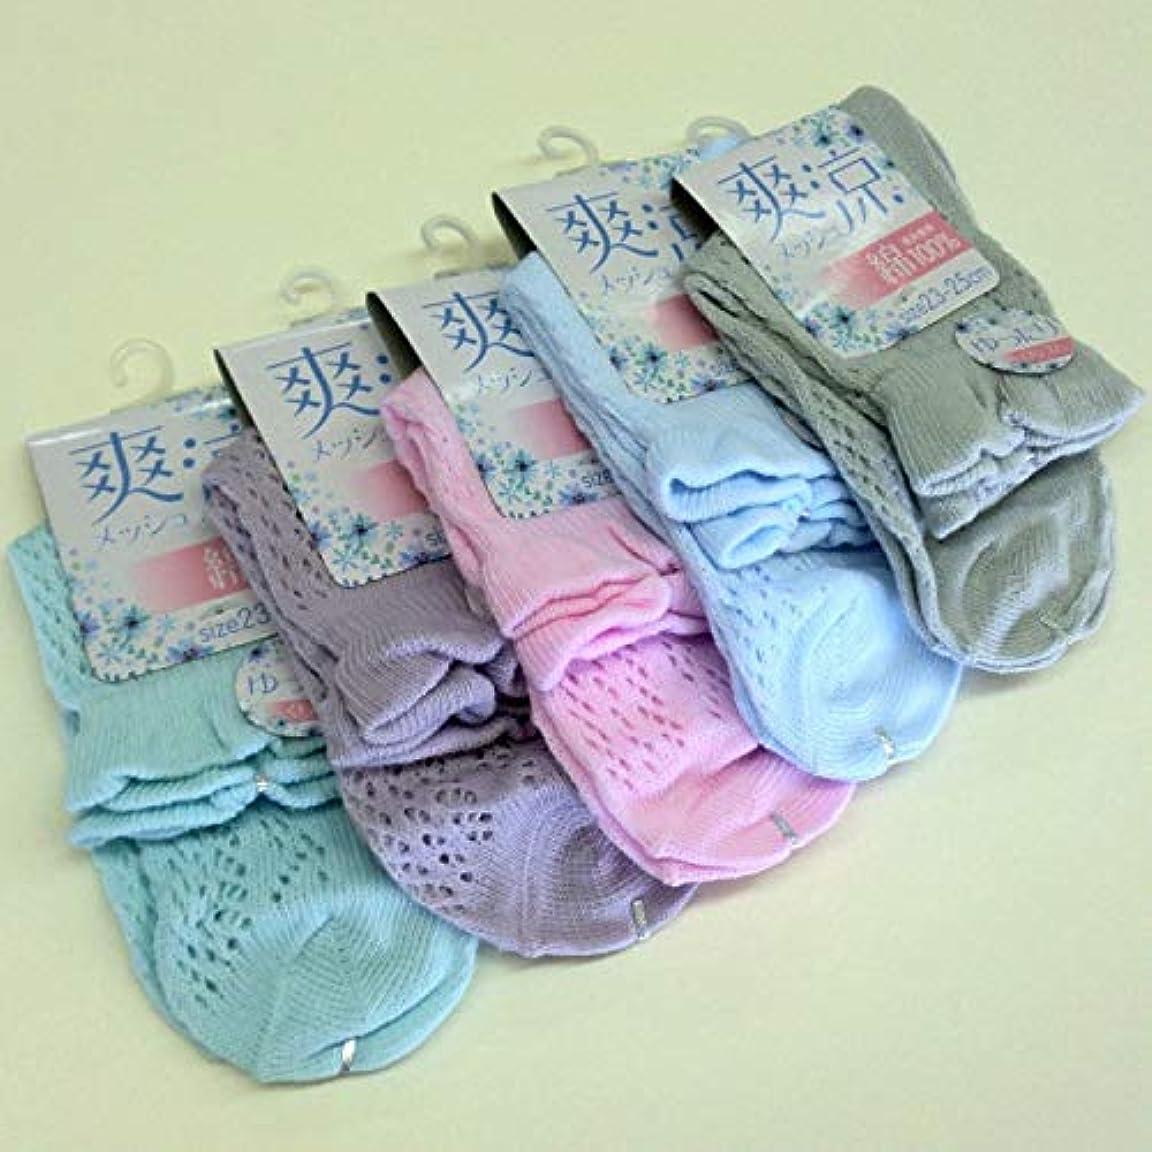 スペル進捗泣いている靴下 レディース 夏 表糸綿100% 涼しいルミーソックス セット 5色5足組